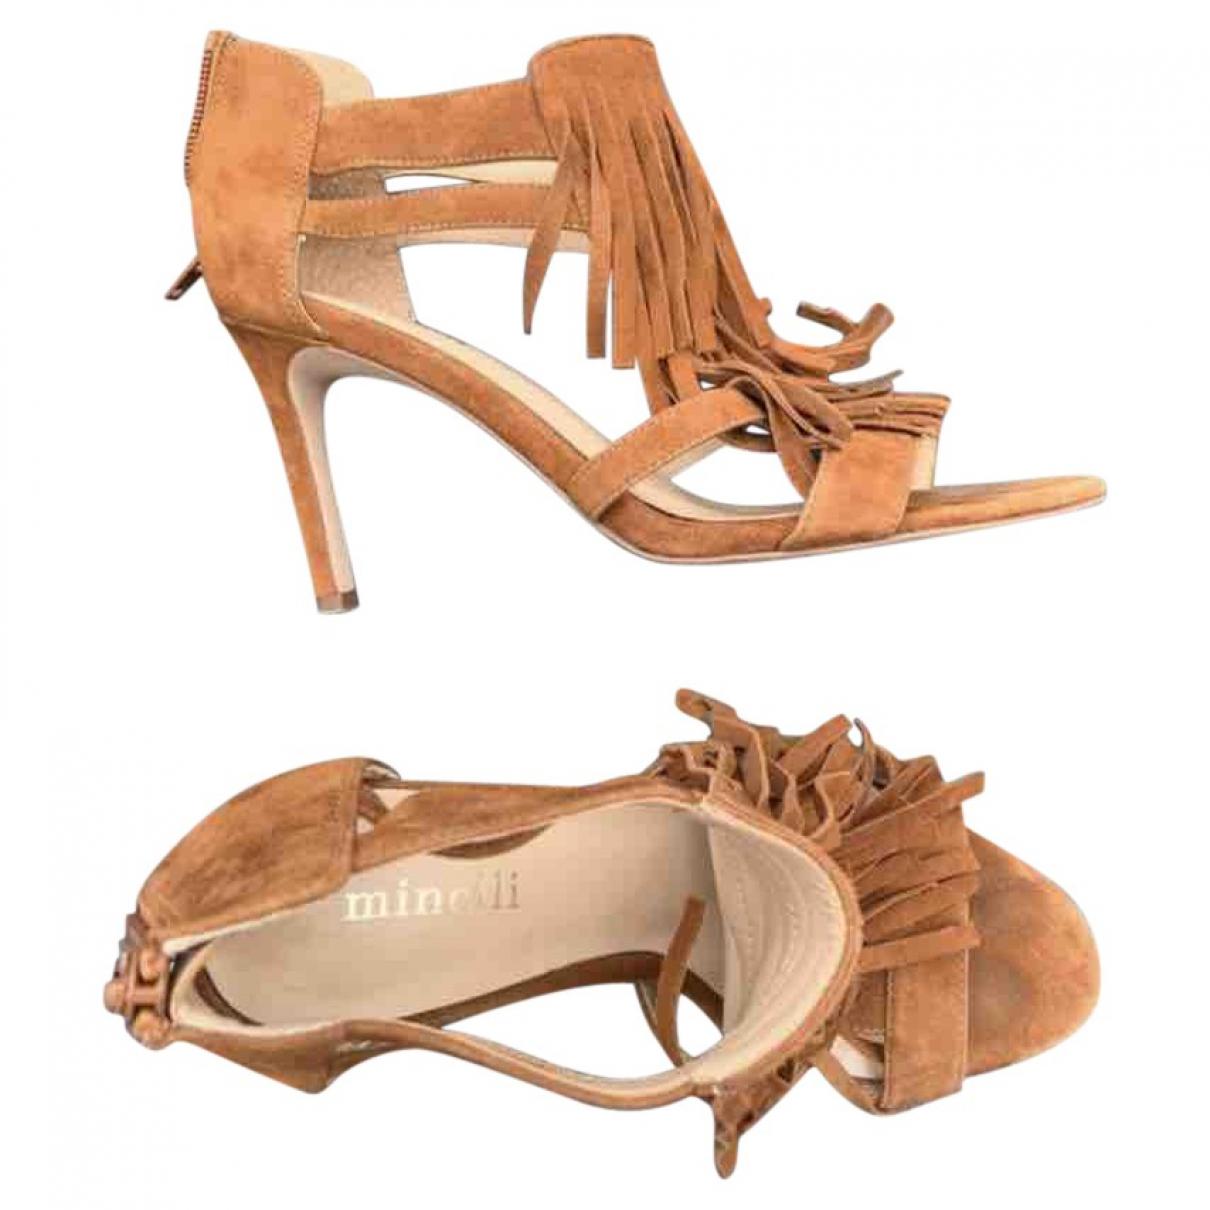 Minelli - Sandales   pour femme en suede - camel